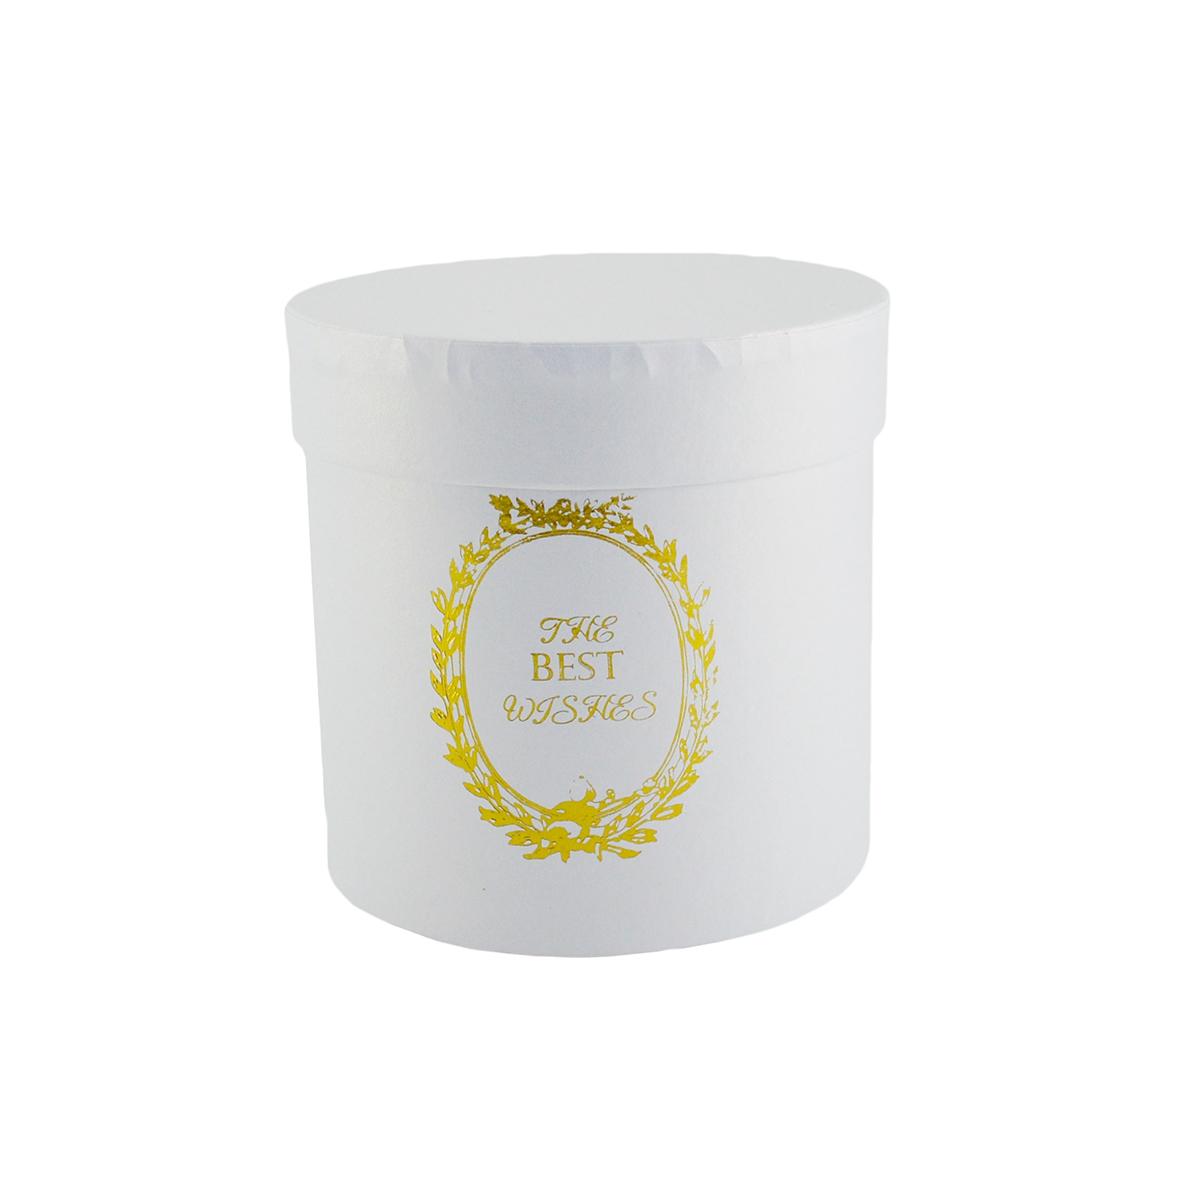 Ambalaje Flori ONLINE vinde Cutie cilindrica fara manere best wishes alb la pretul de 8.9 lei